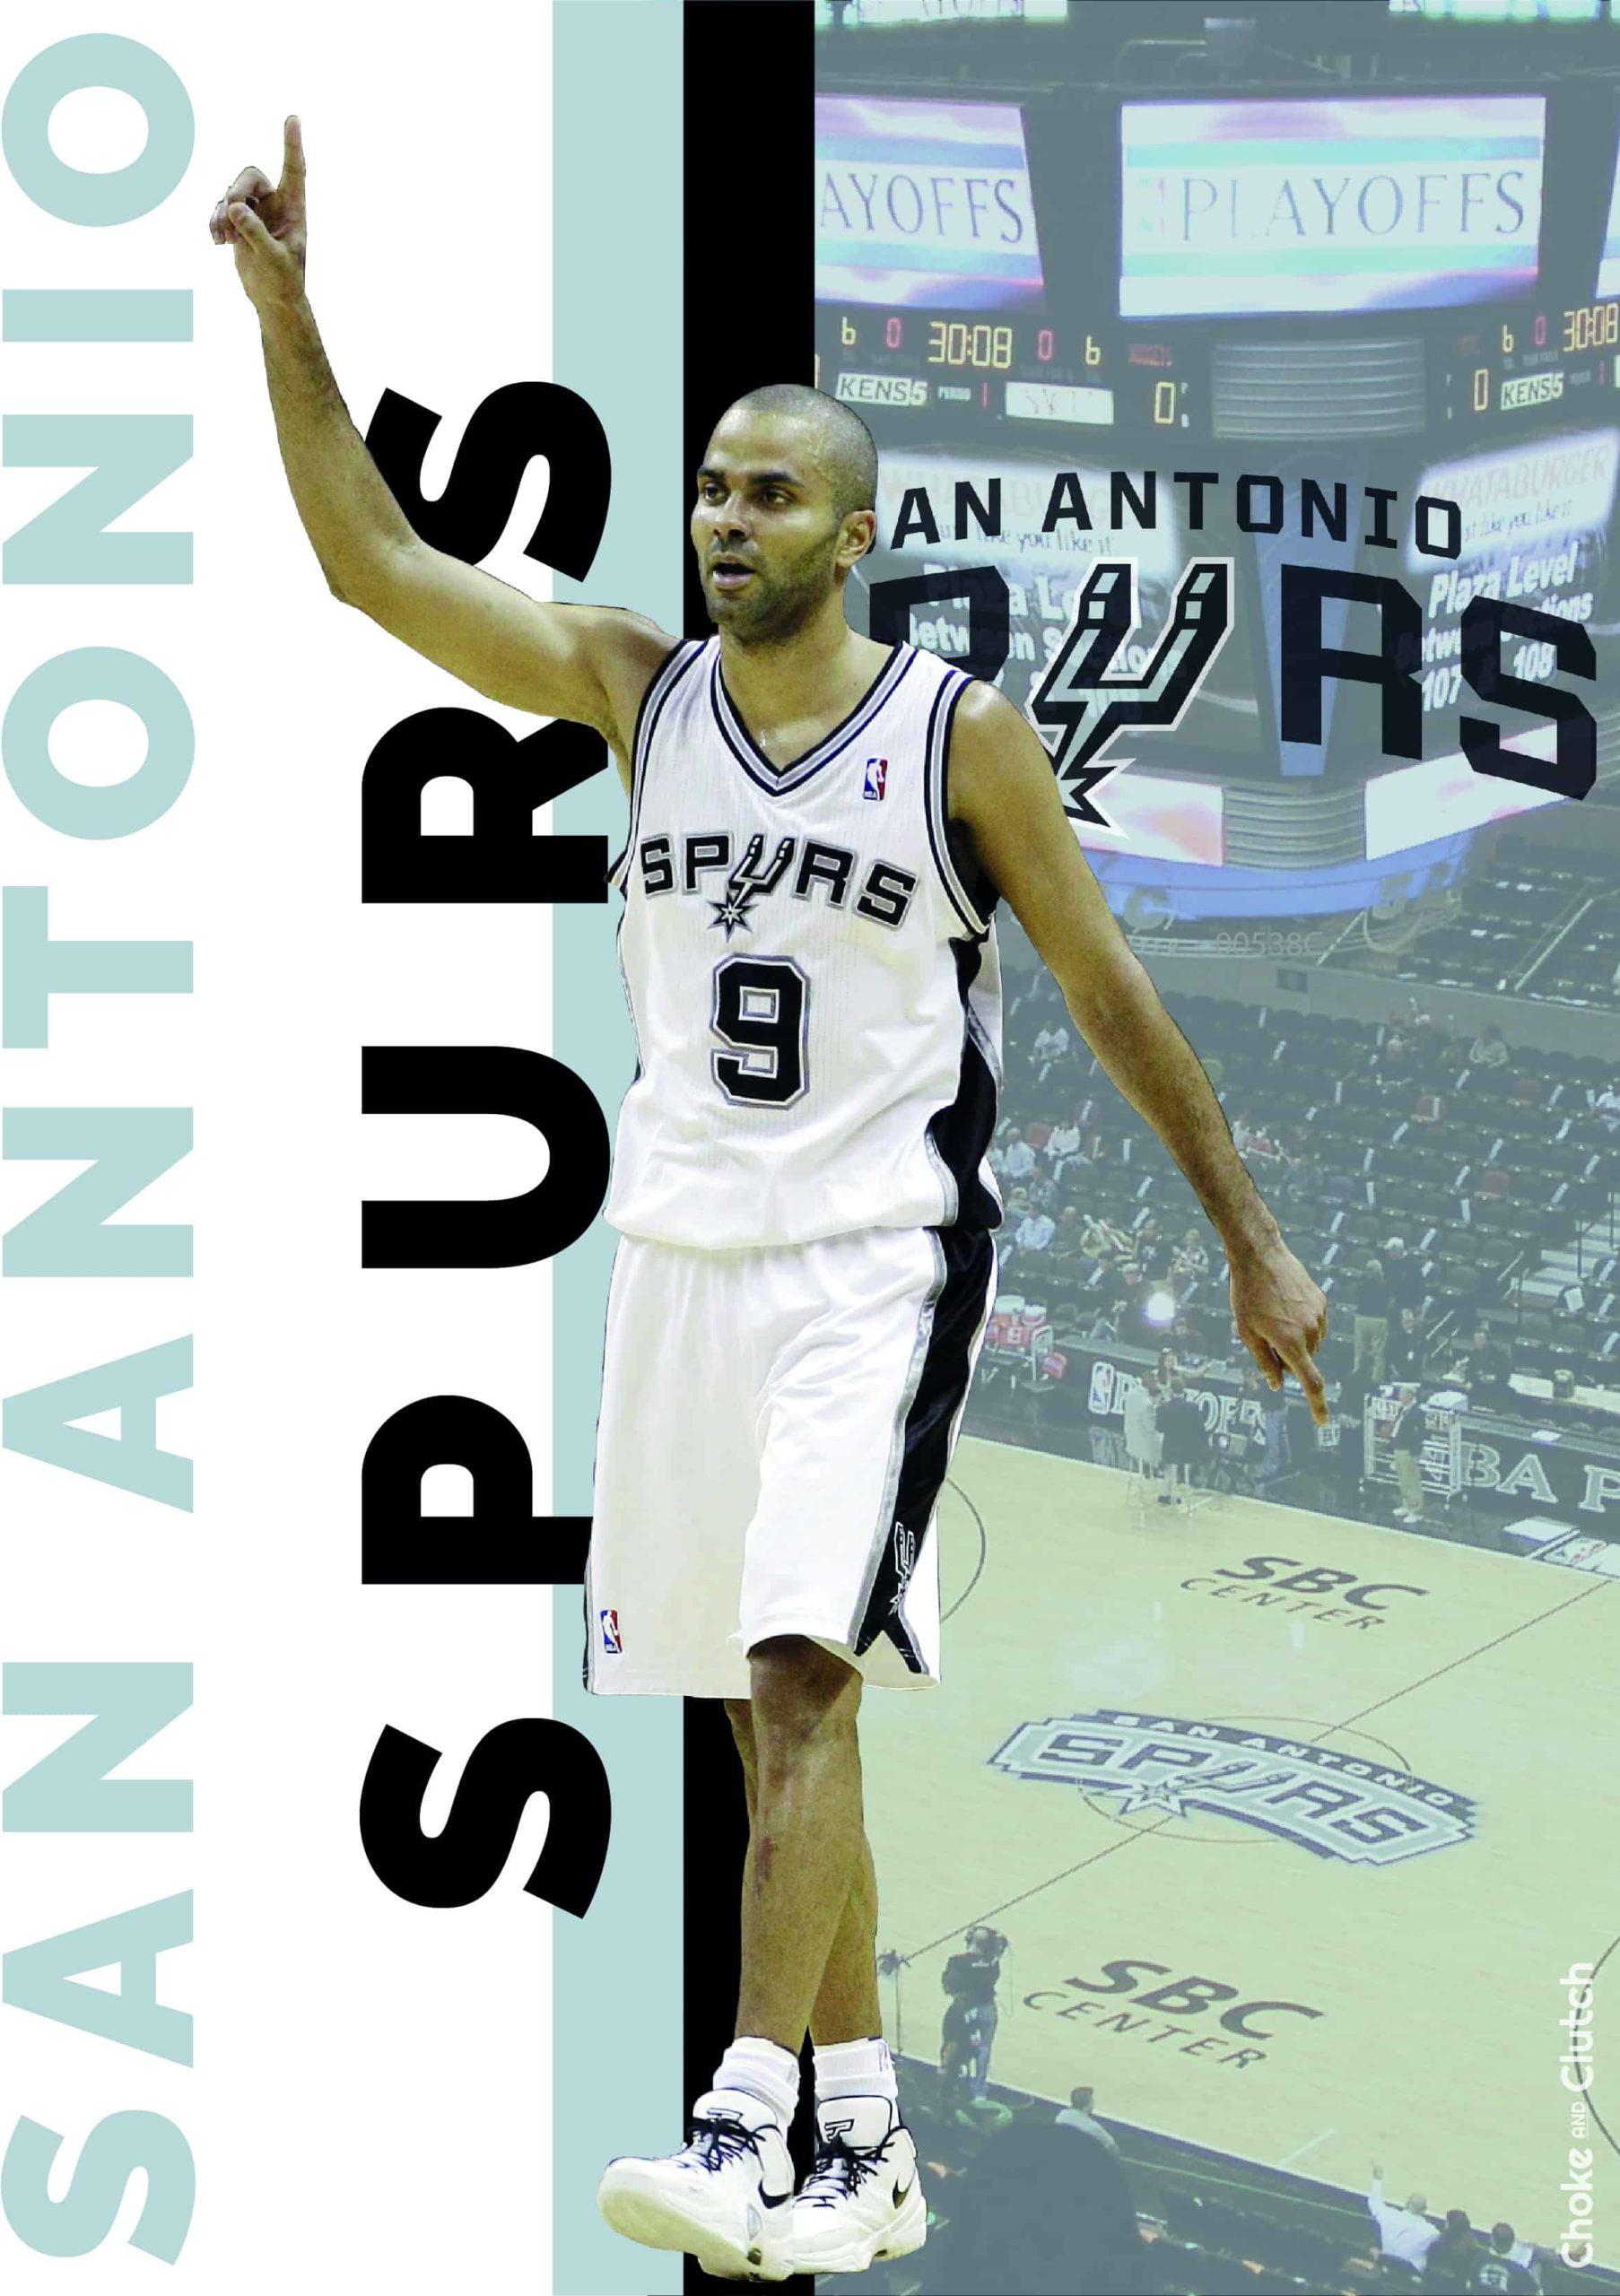 Histoire de la franchise NBA des Spurs de San Antonio